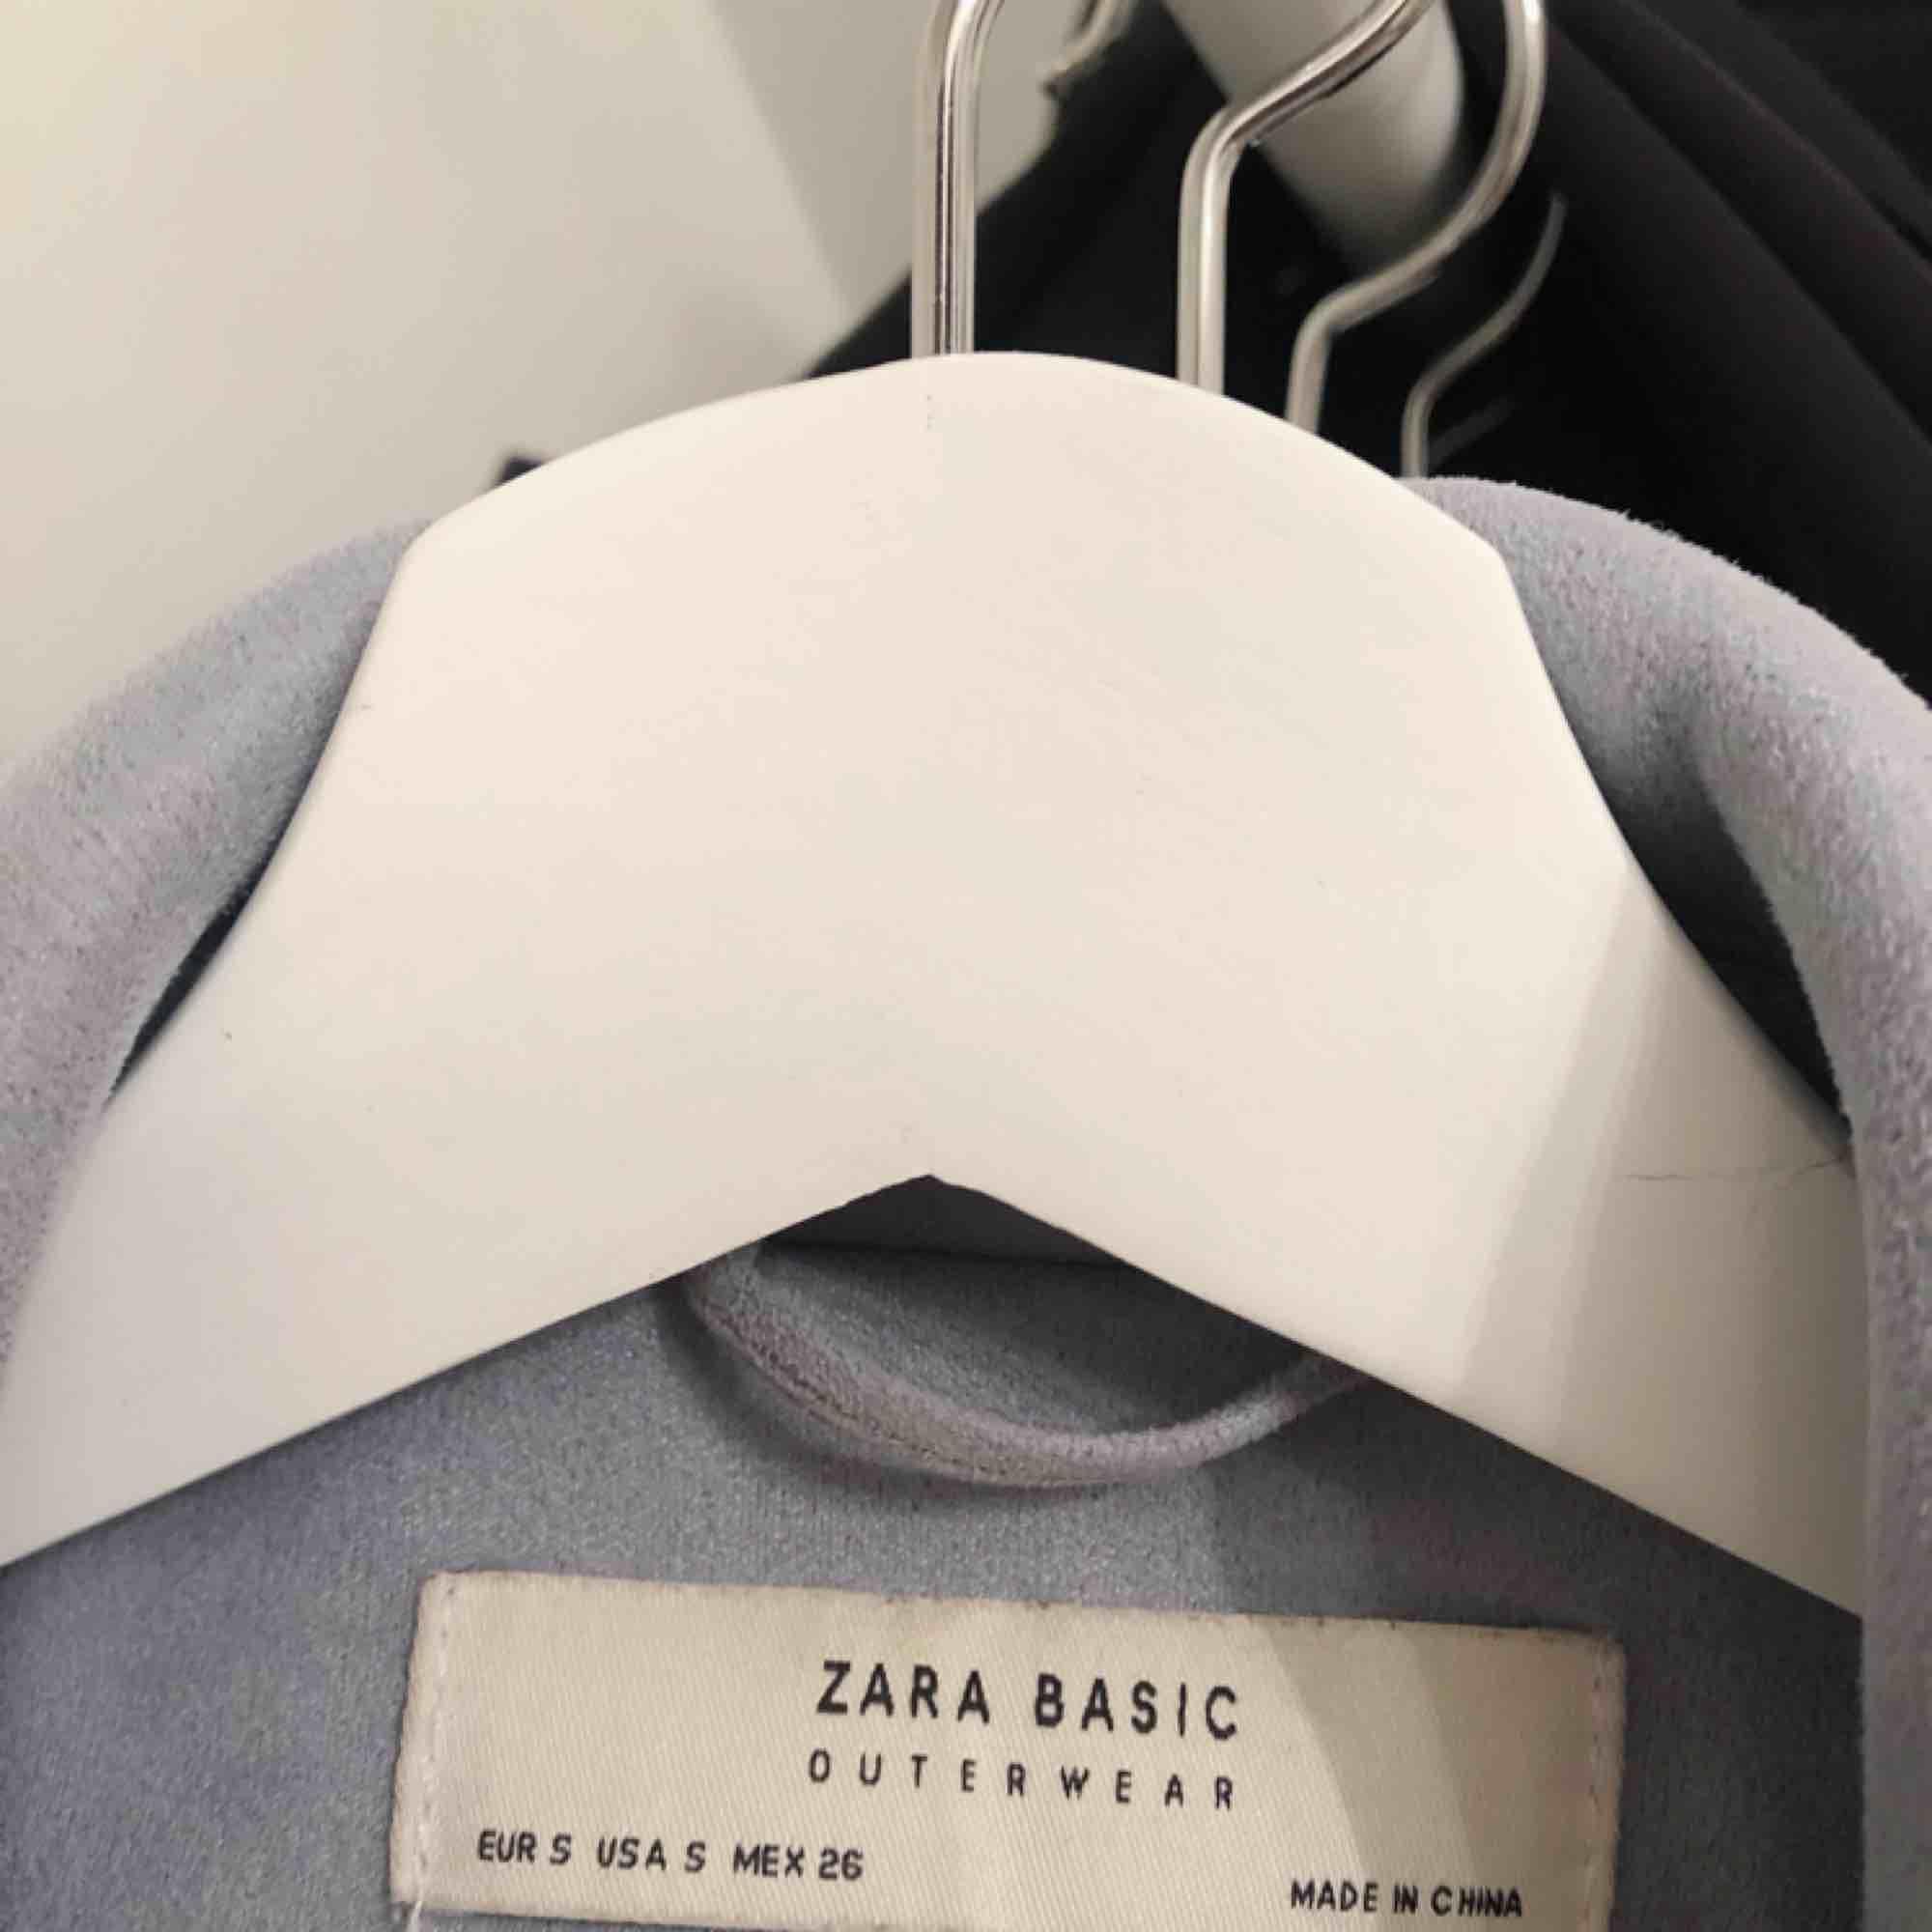 Jättefin ljusblå vår och sommarjacka ifrån Zara, jag får tyvärr ingen användning av den längre så väljer att sälja den, i skicket så är den så gott som ny, nypris 500 kr. Jackor.